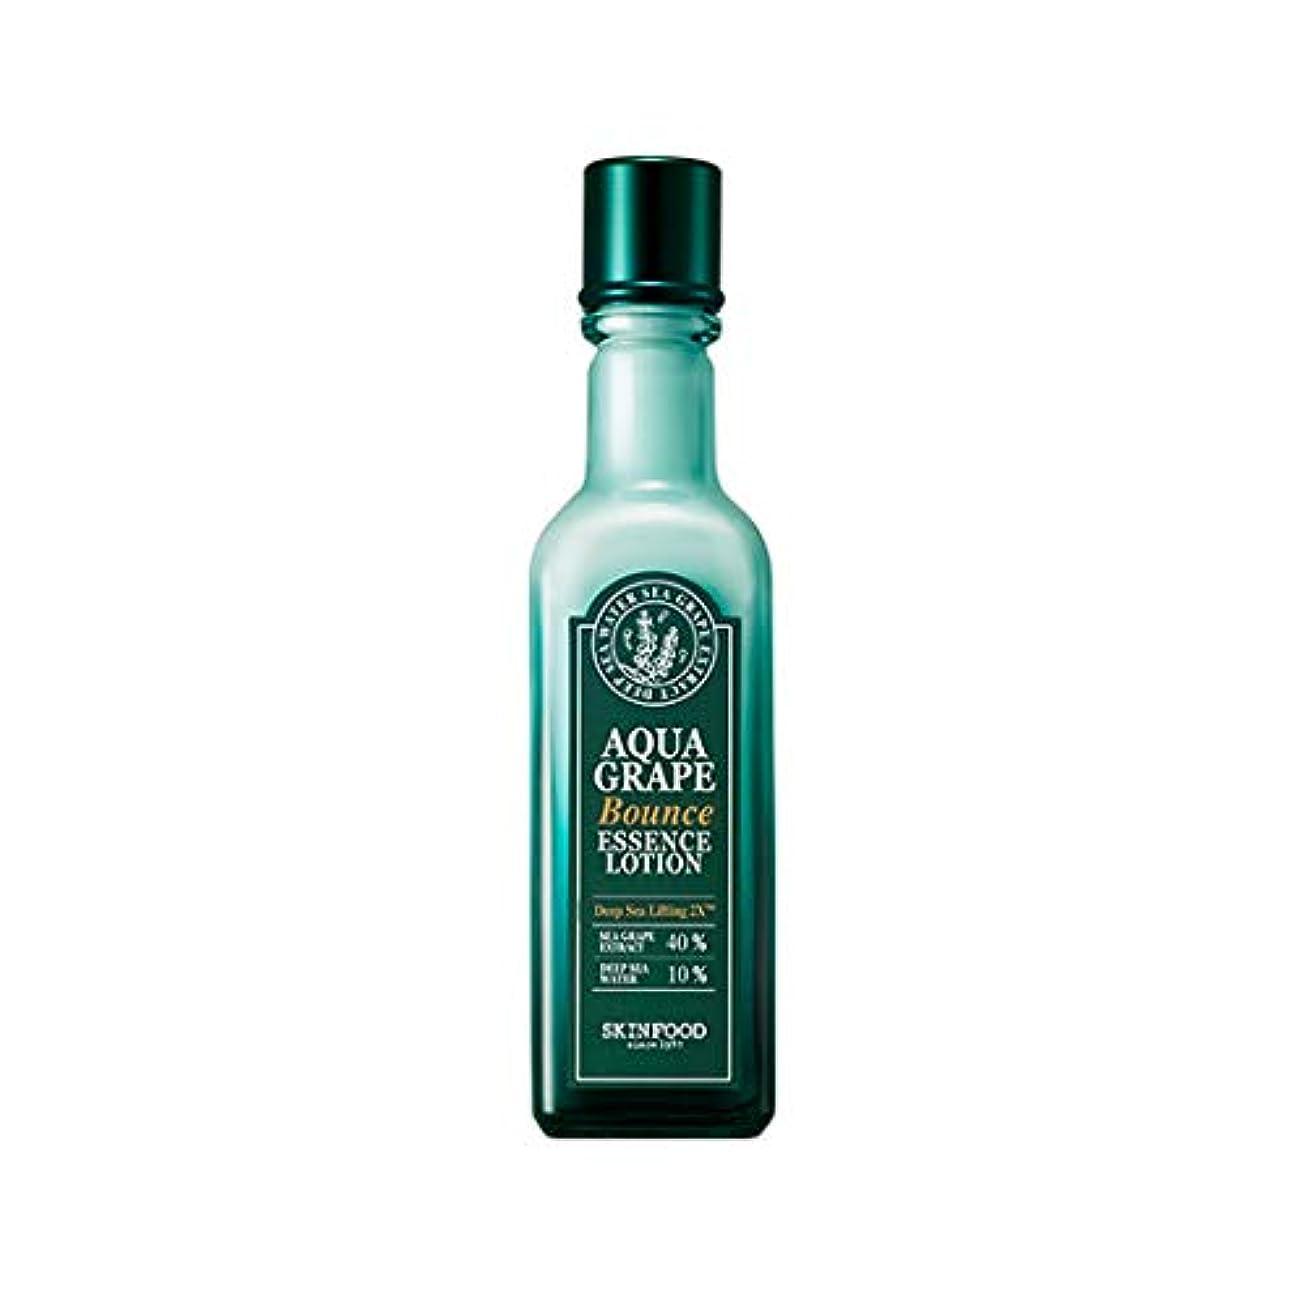 勝つ放映遠近法Skinfood アクアグレープバウンスエッセンスローション/Aqua Grape Bounce Essence Lotion 120ml [並行輸入品]